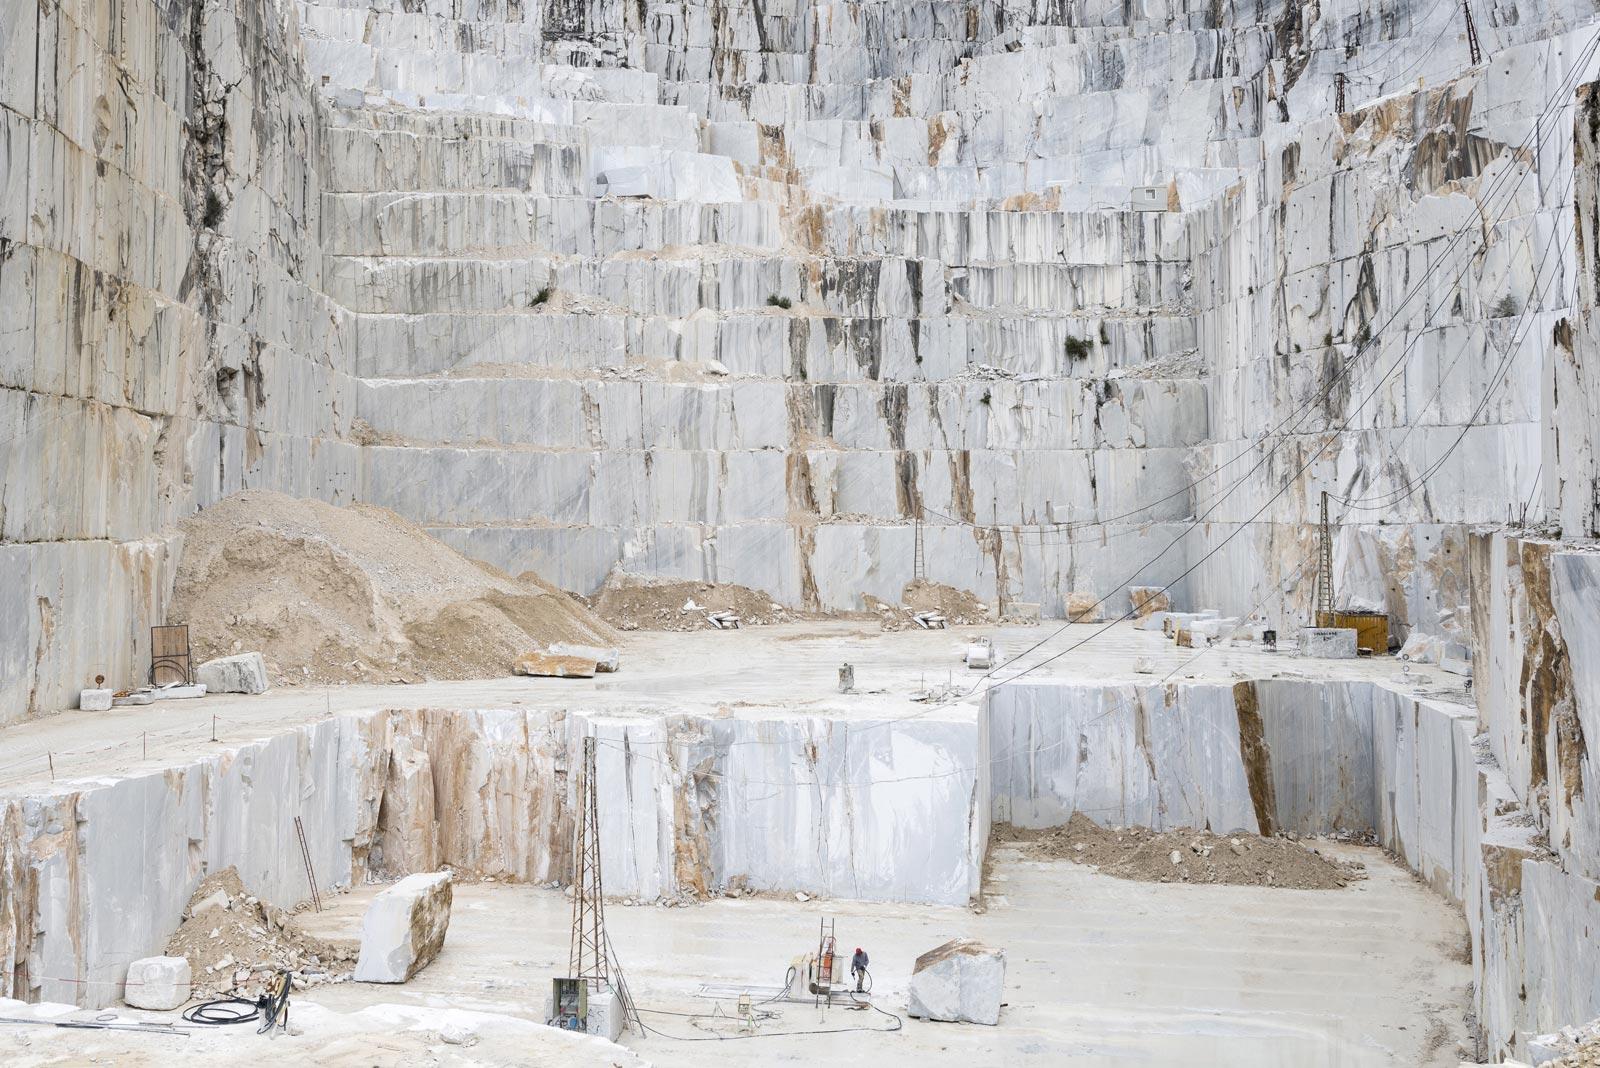 Cenjeni materijal je vrsta mermera bele ili belo-sive boje